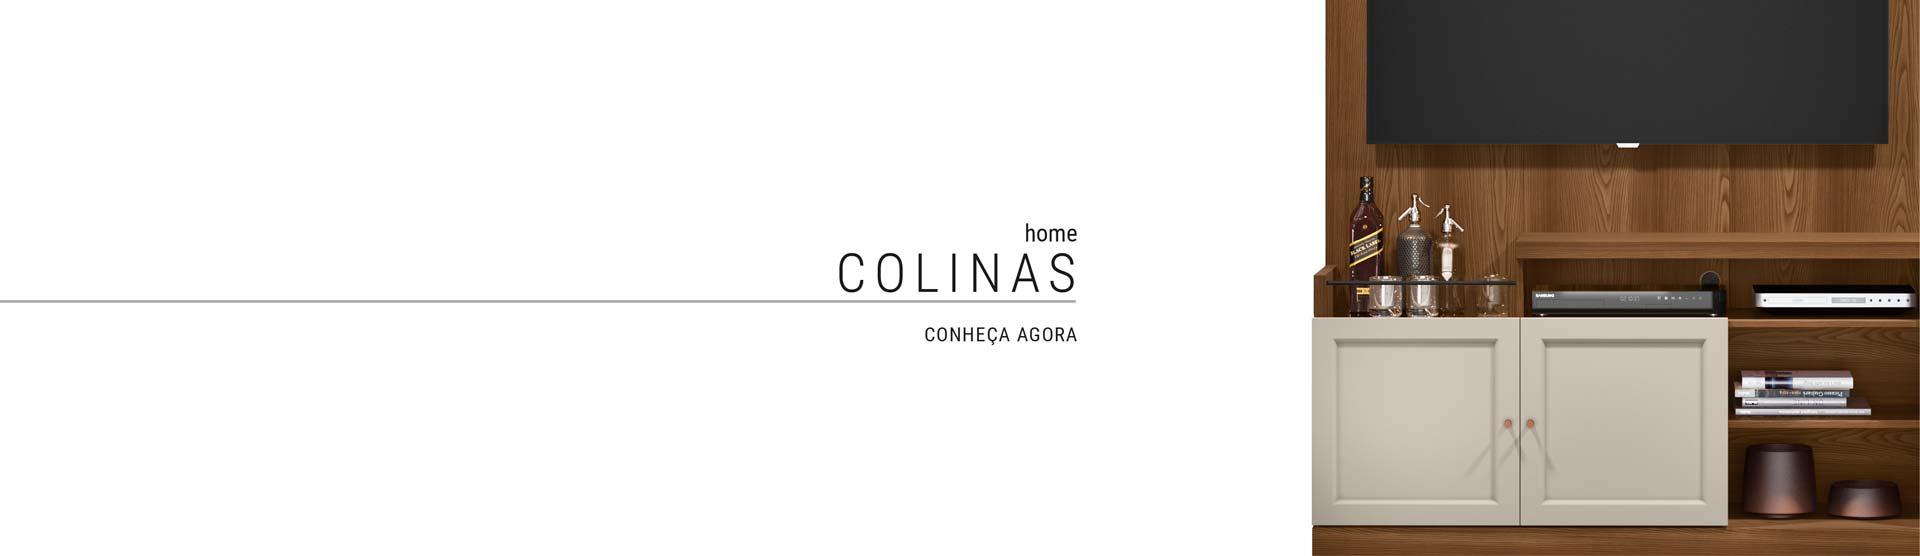 Home Colinas